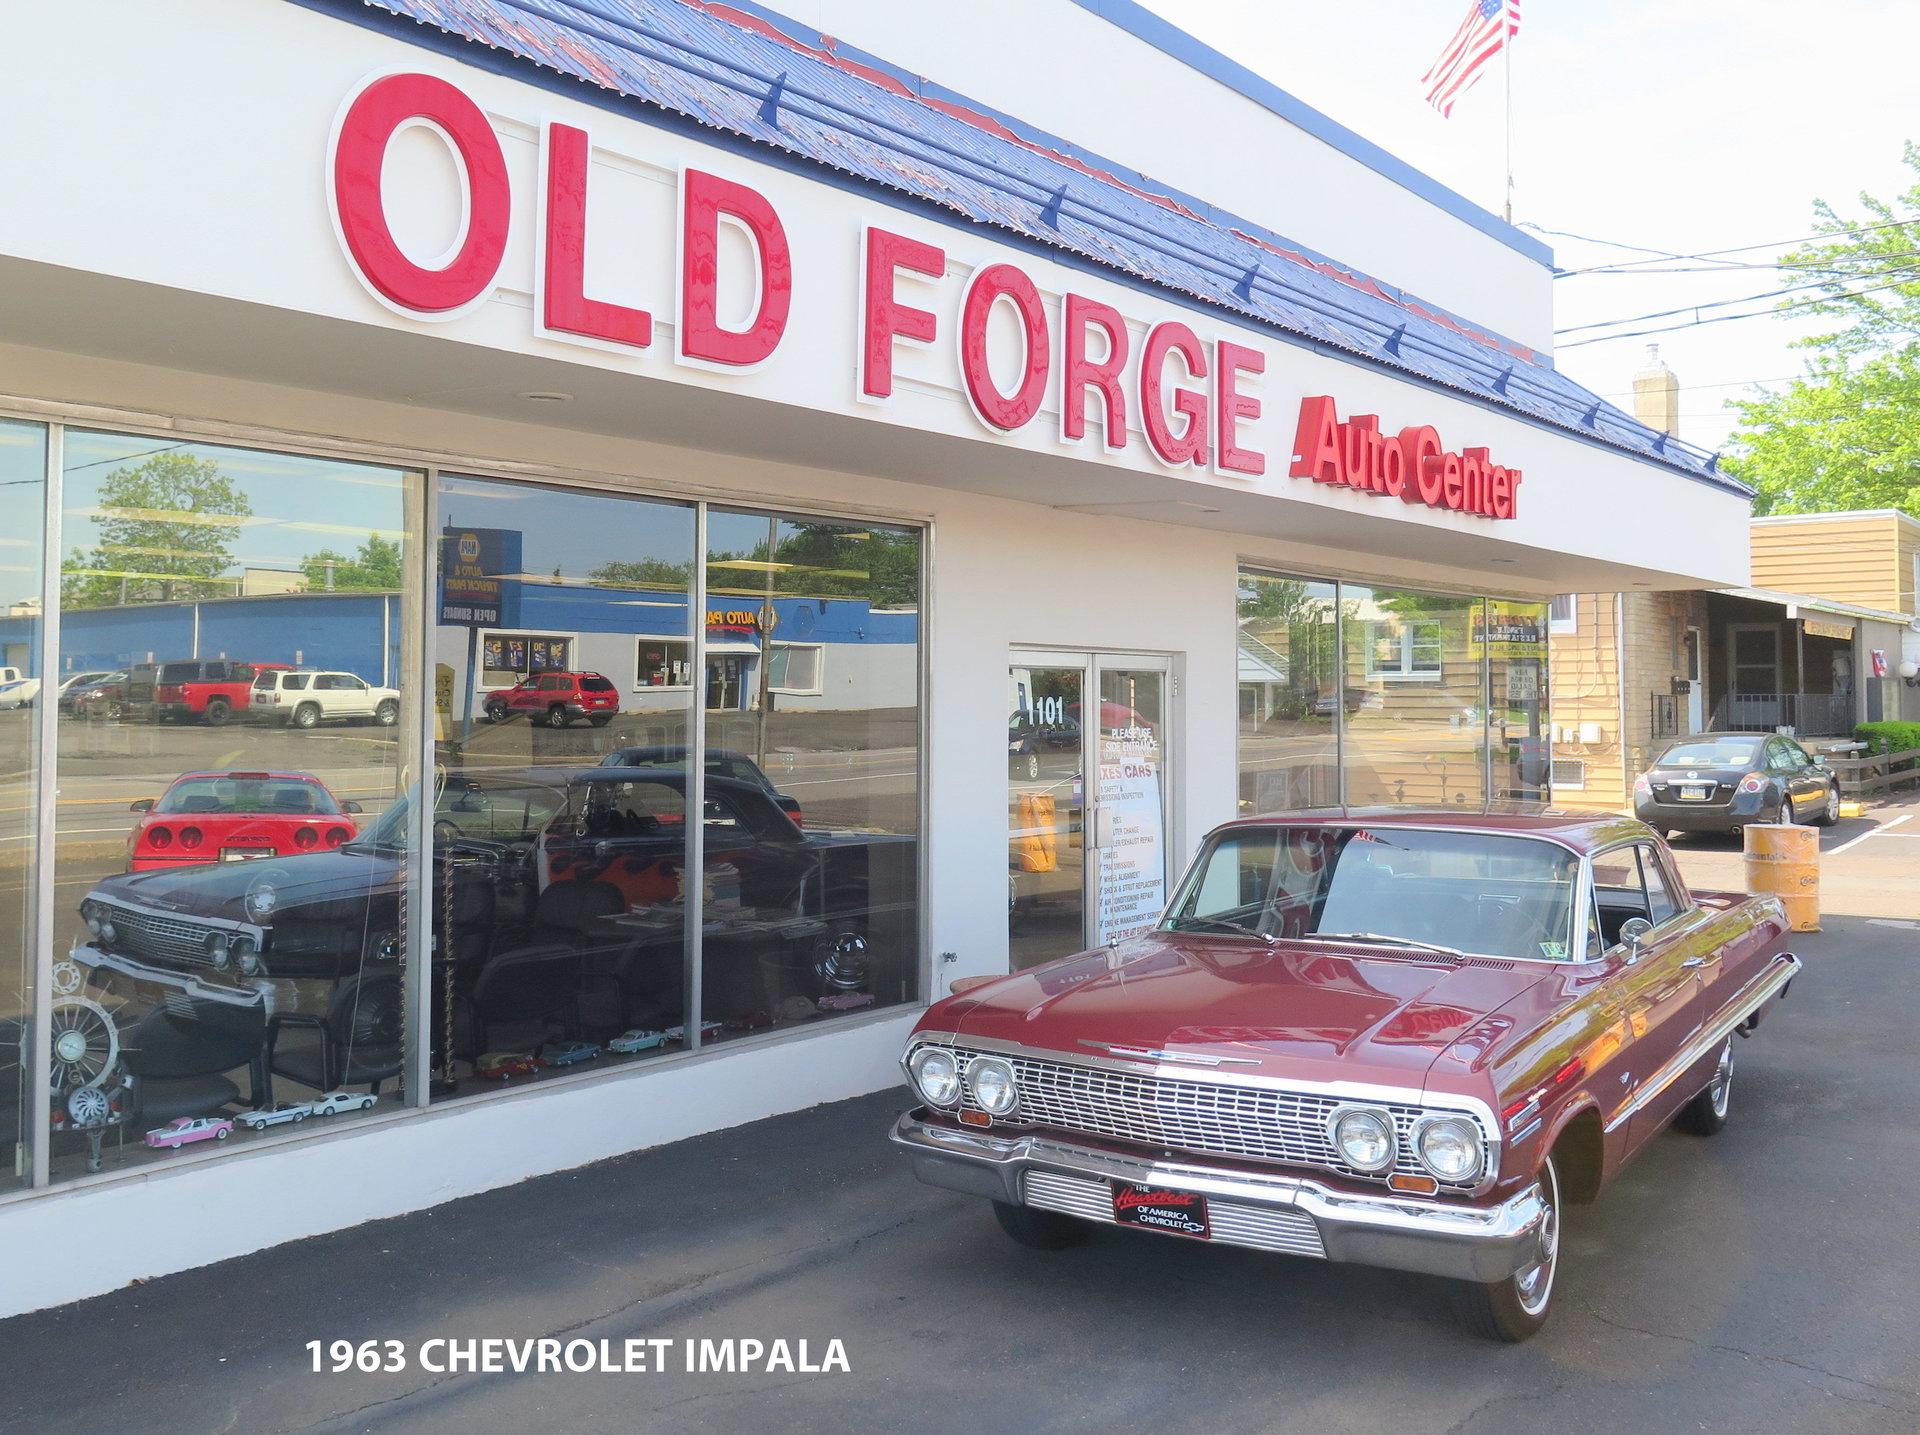 22424ddf6f2cd hd 1963 chevrolet impala